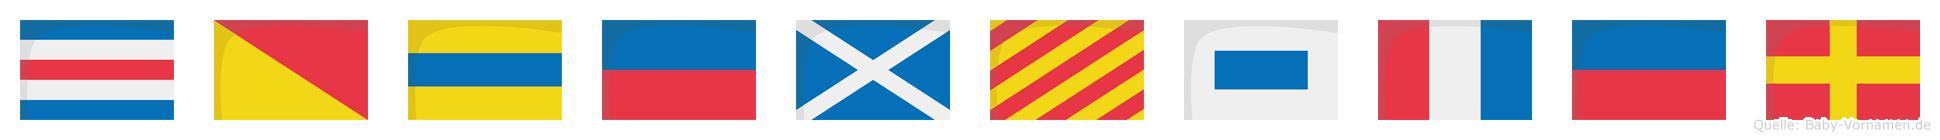 Codemyster im Flaggenalphabet